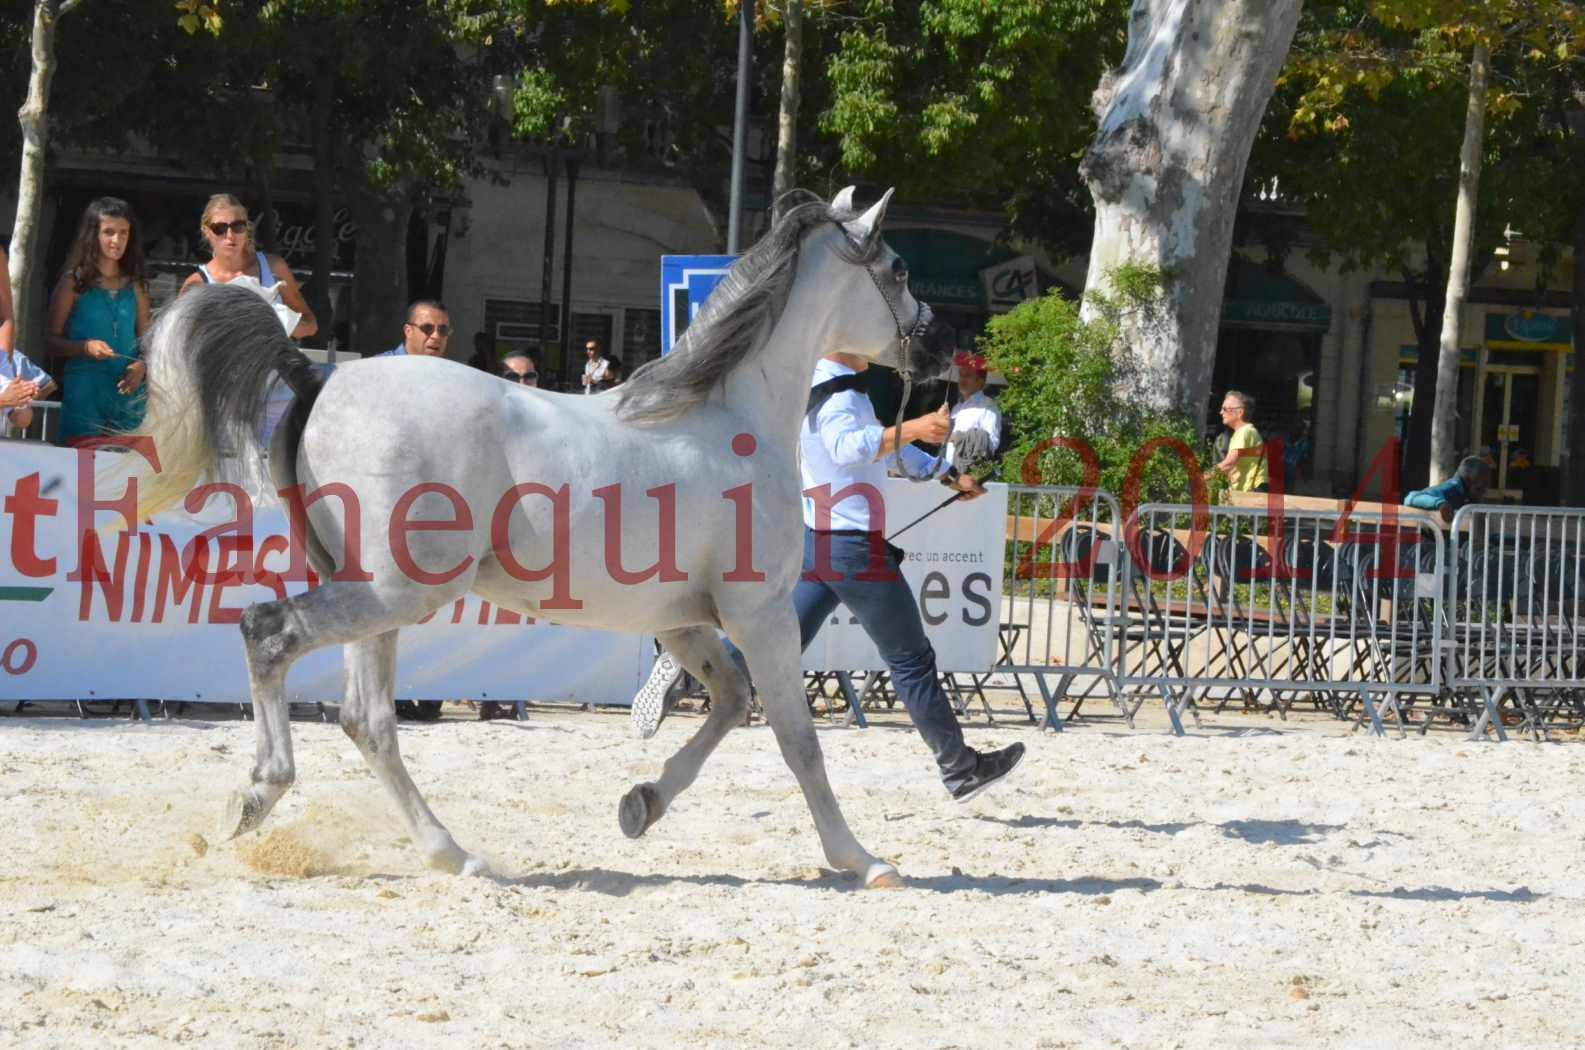 Concours National de Nîmes de chevaux ARABES 2014 - Championnat - SHAOLIN DE NEDJAIA - 16